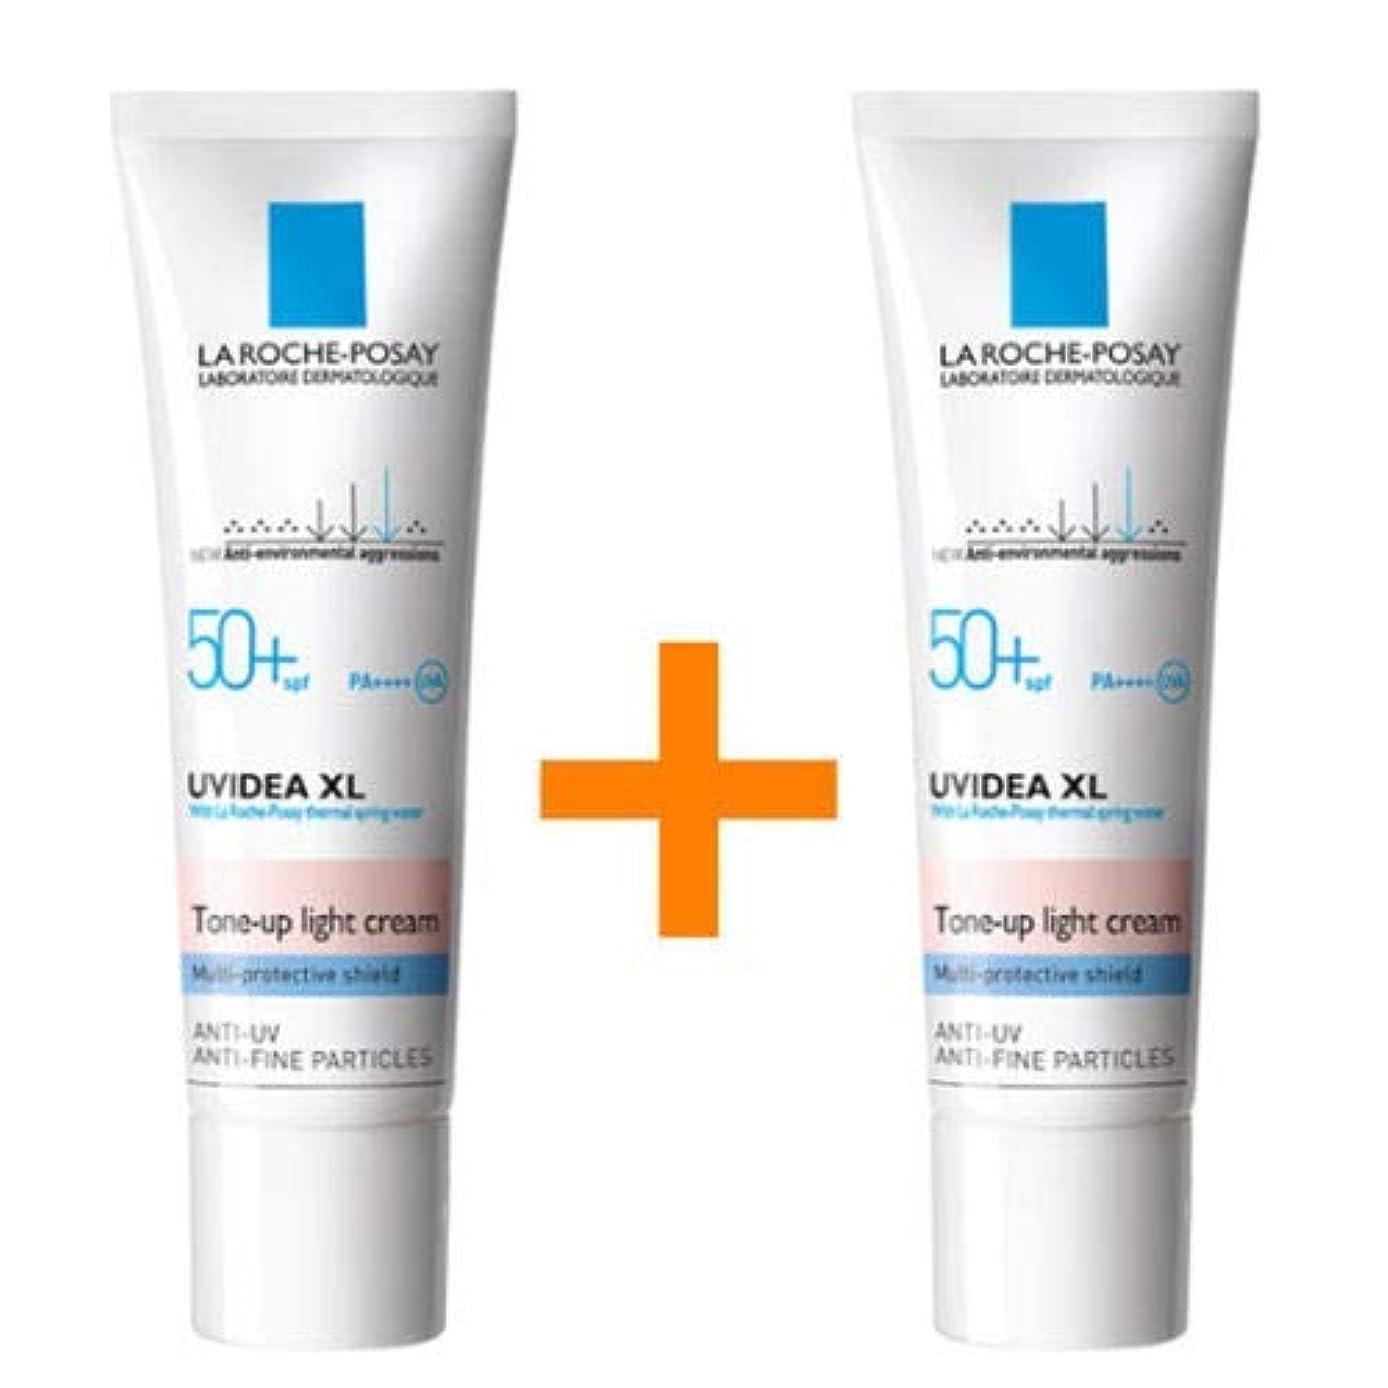 芽アレルギー性あごひげ[ 1 + 1 ] La Roche-Posay ラロッシュポゼ UVイデア XL プロテクショントーンアップ Uvidea XL Tone-up Light Cream (30ml)